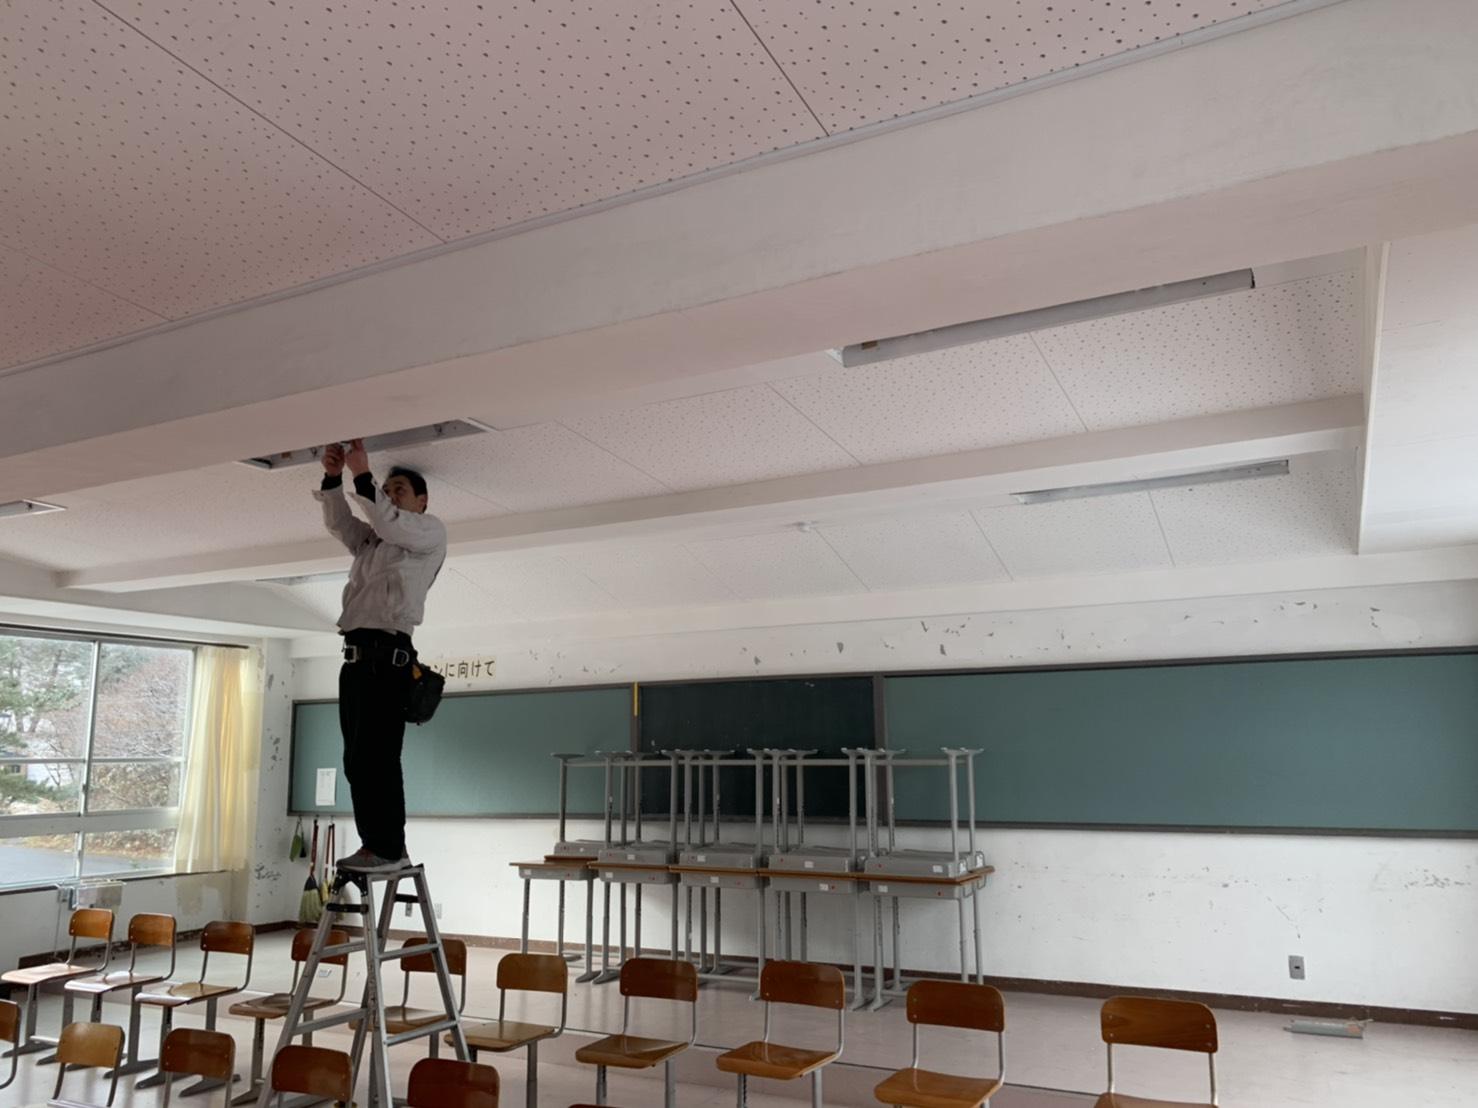 青森小泊中学校LED照明化工事 サブ01